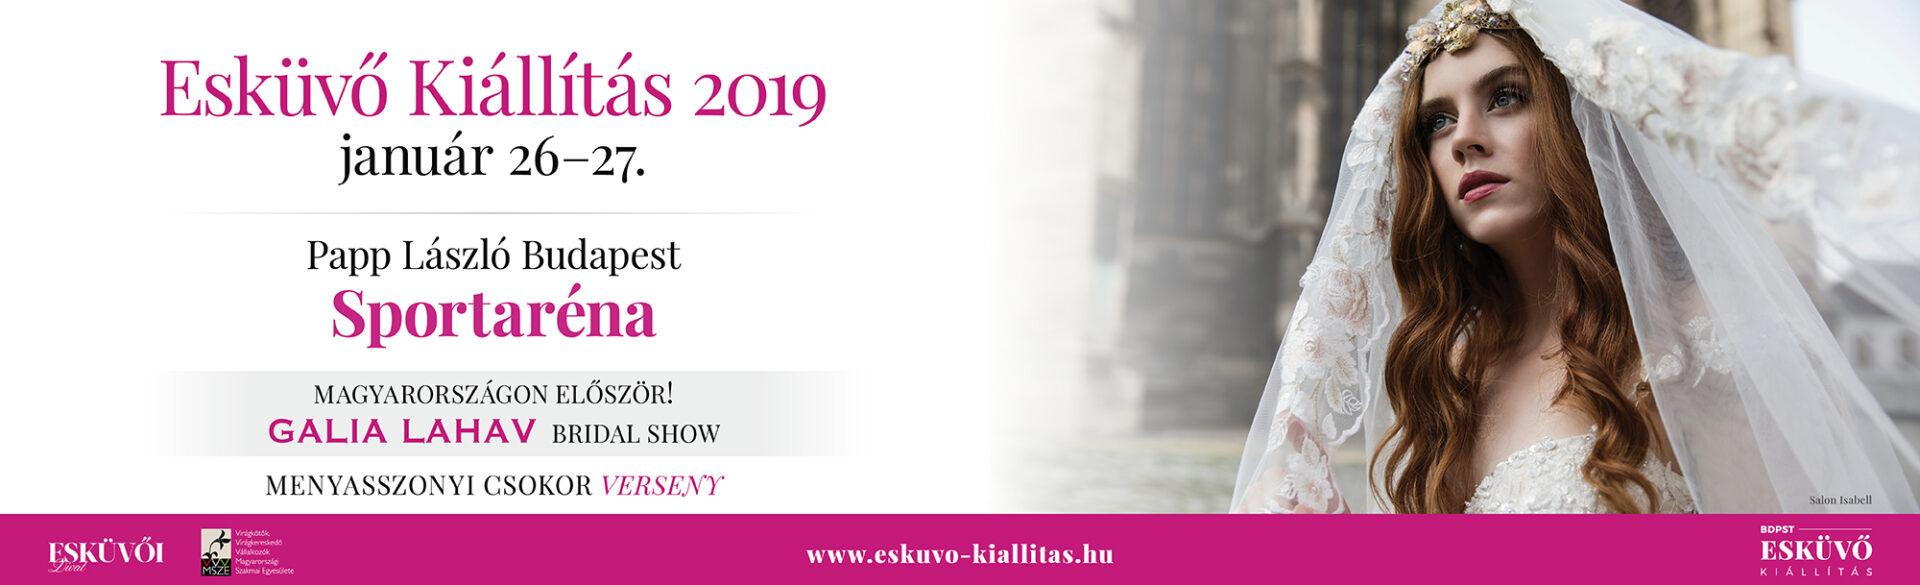 Esküvői kiállítás, Save the Date – Papp László Budapest Sportaréna: 2019. legnagyobb évadnyitó Esküvői Kiállítása